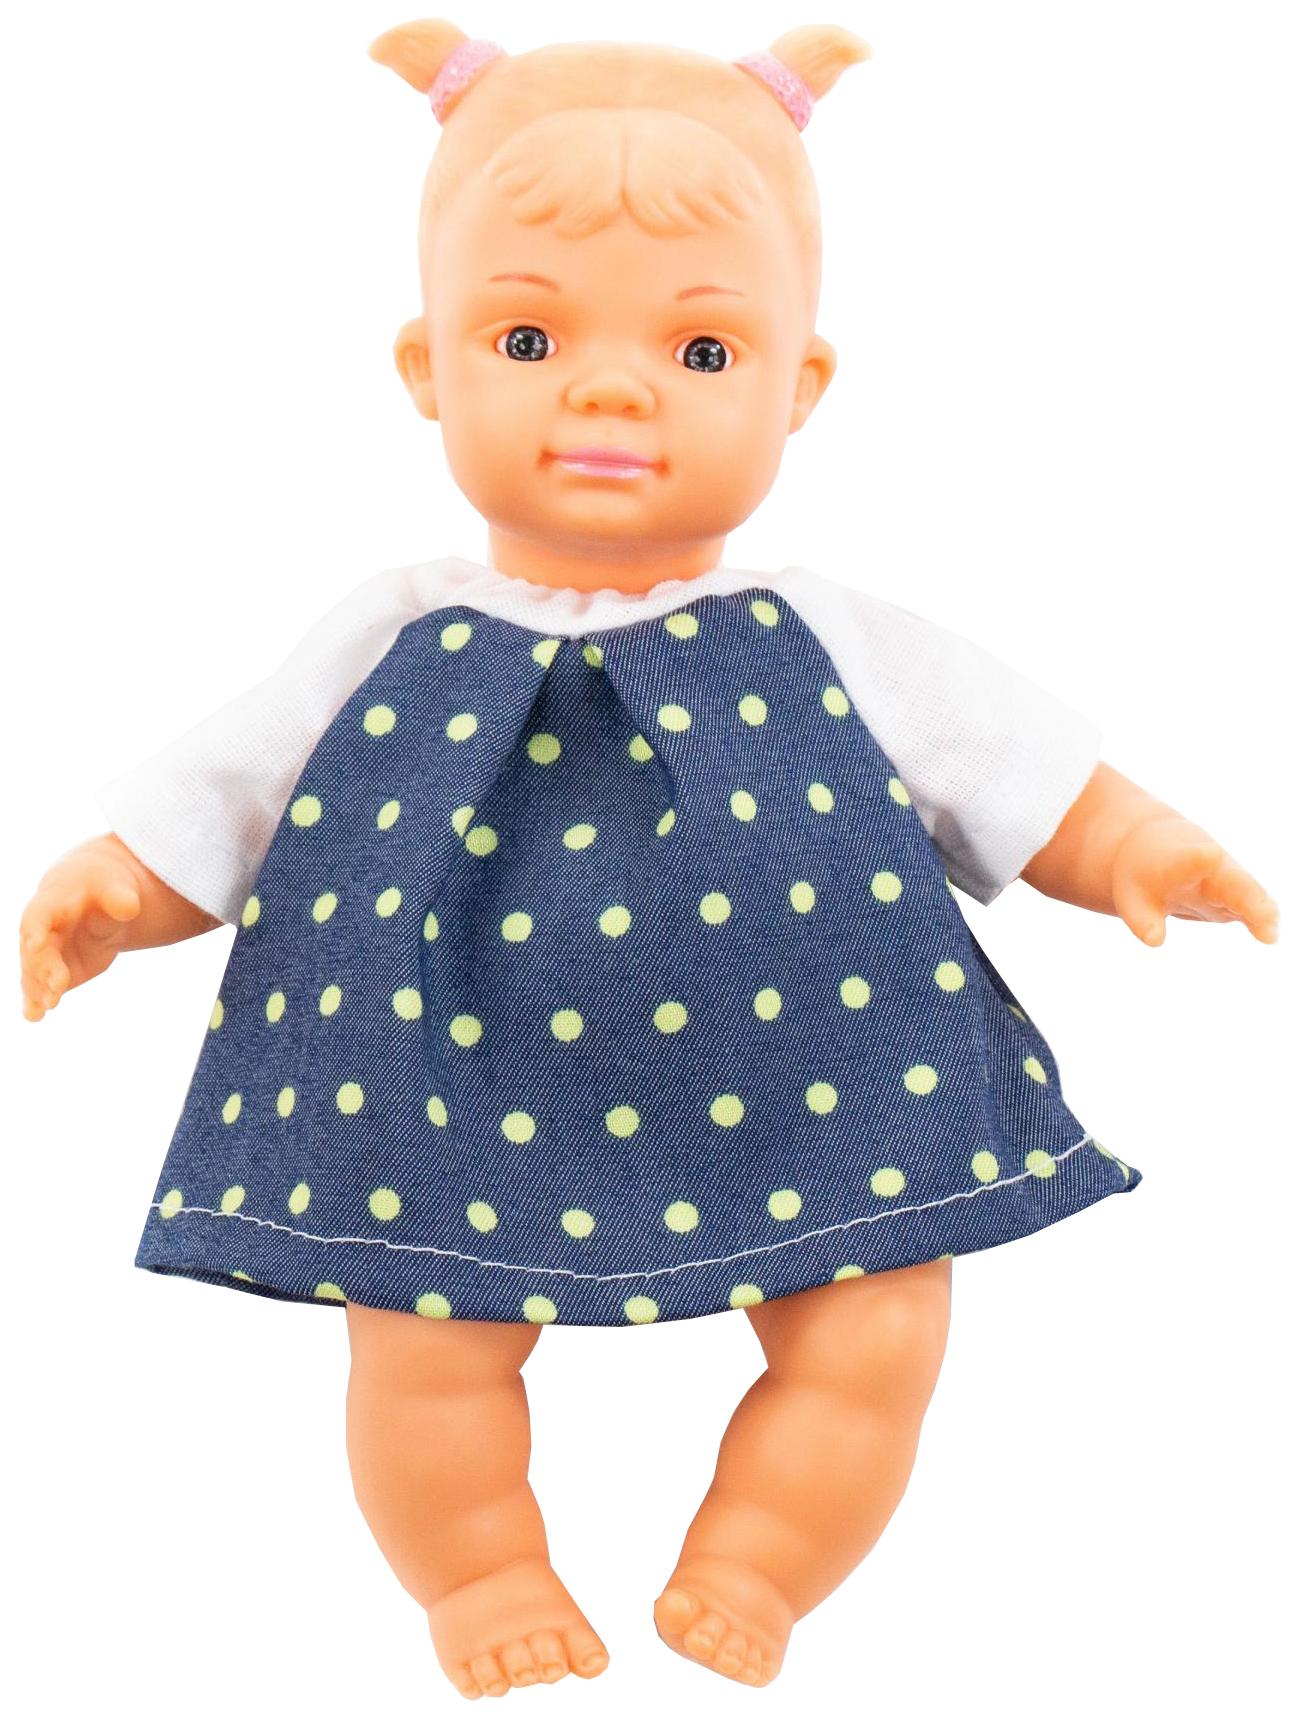 Кукла Крошка Даша , 19 см, Полесье, Классические куклы  - купить со скидкой